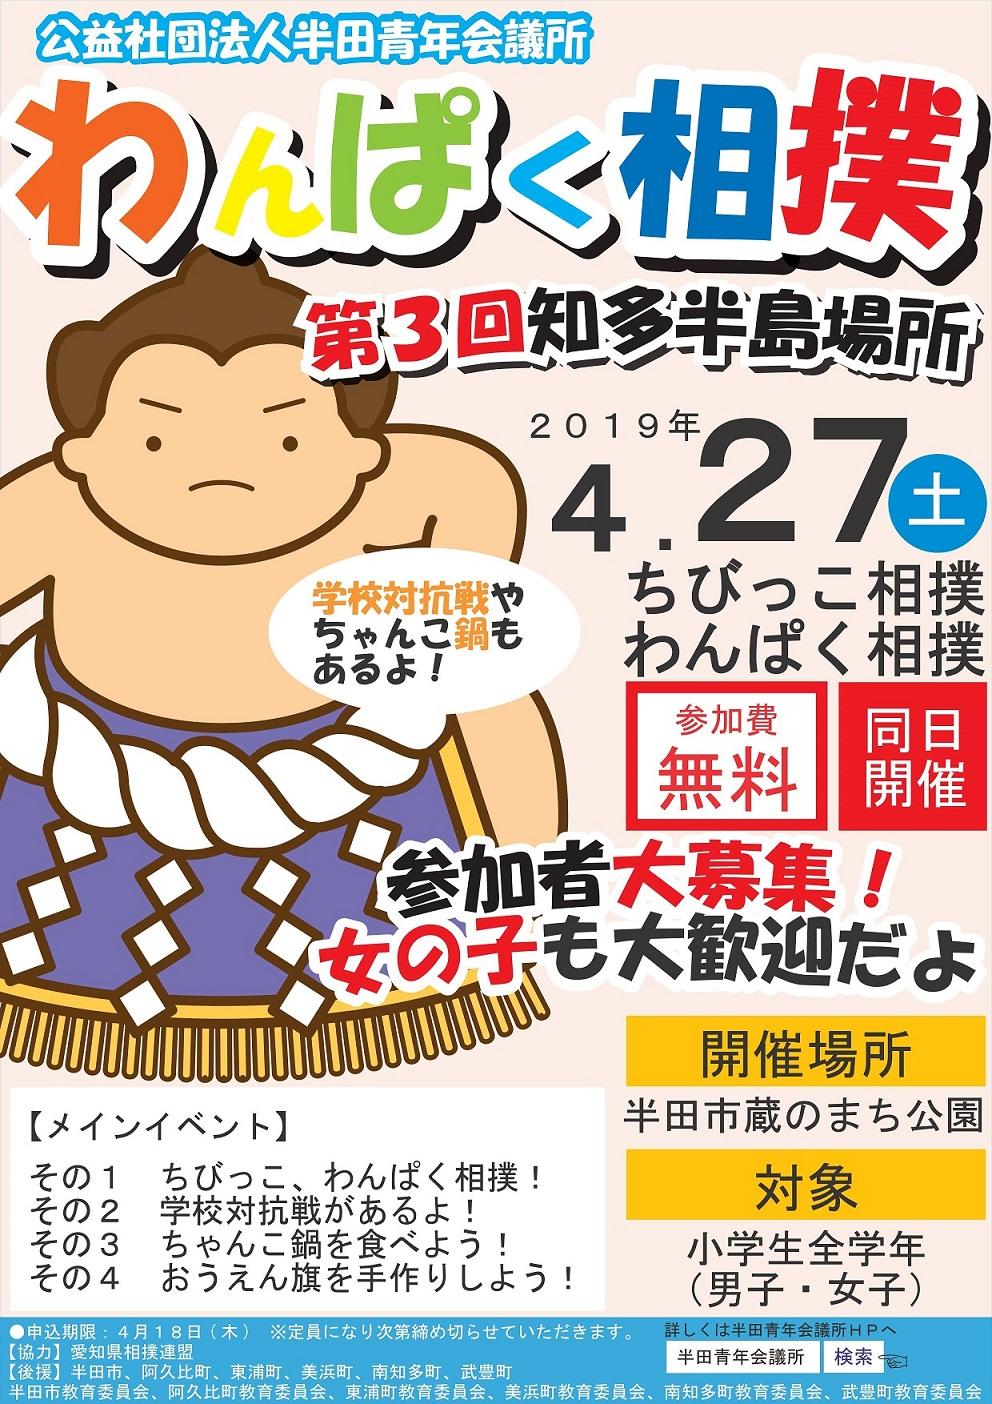 第3回わんぱく相撲 知多半島場所 参加者募集中